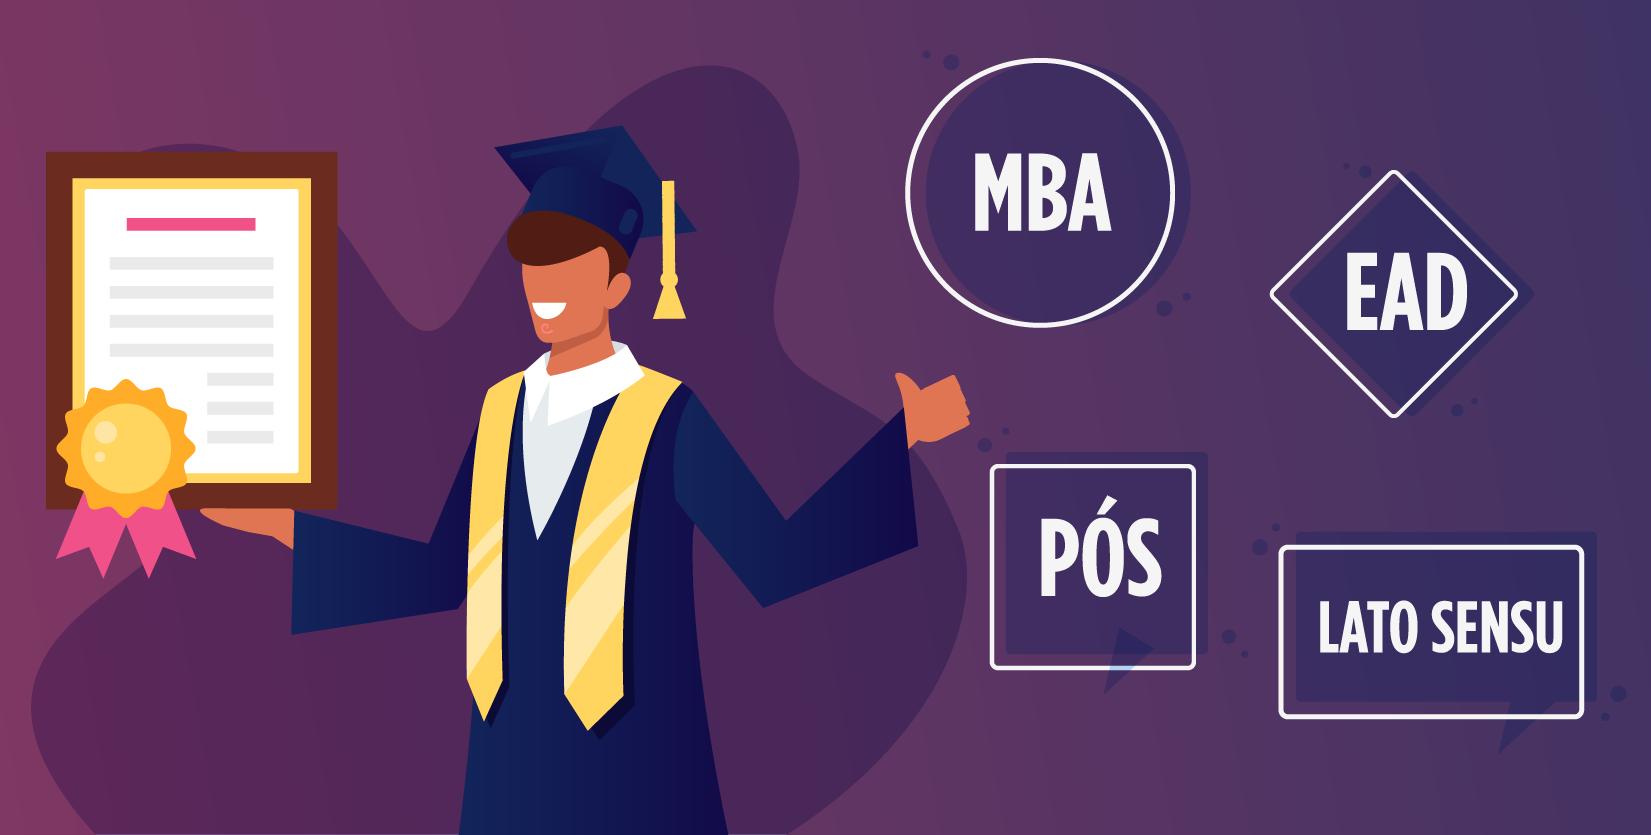 Stricto Sensu ou Lato Sensu: Descubra a pós-graduação ideal para ...